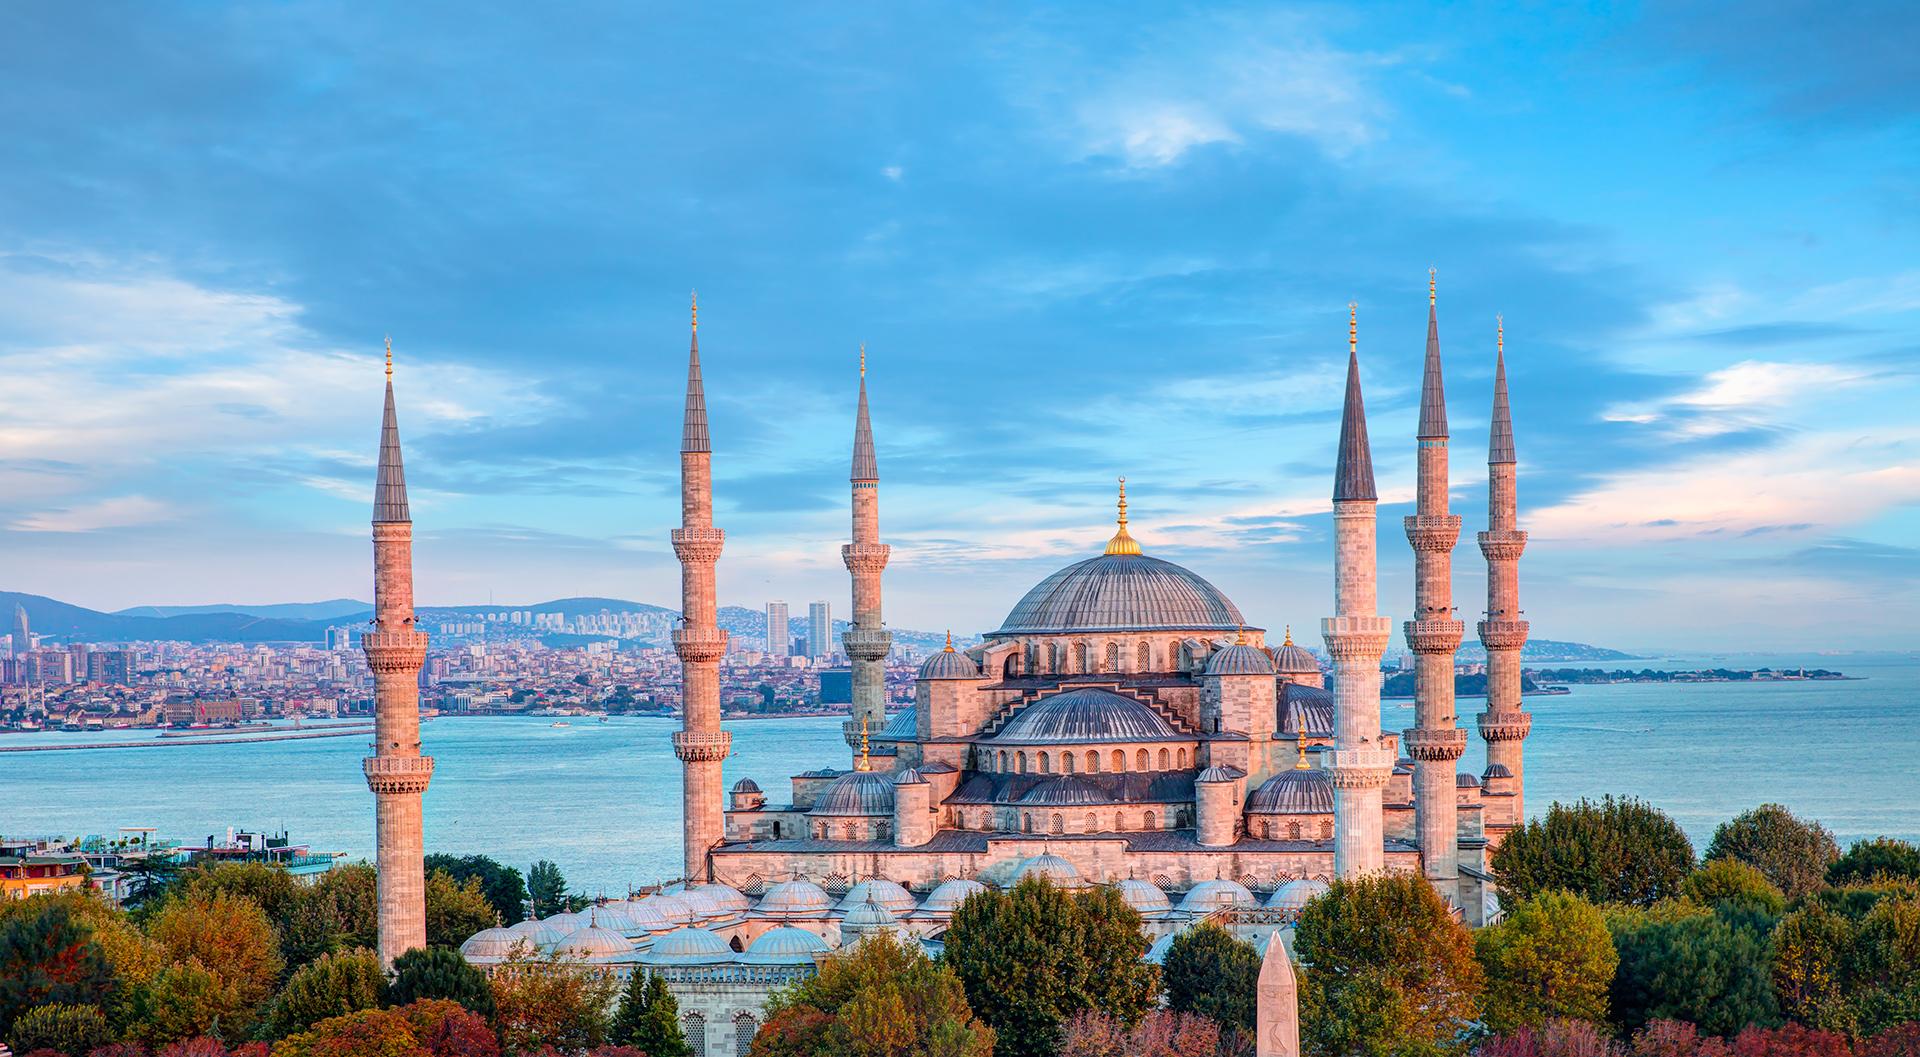 Es la única ciudad que se extiende a dos continentes, Europa y Asia. Una de las principales atracciones que tiene esta bellísima ciudad es la mezquita Santa Sofía y el Gran Bazaar que todos los turistas pasean por sus pasillos en búsqueda de especias